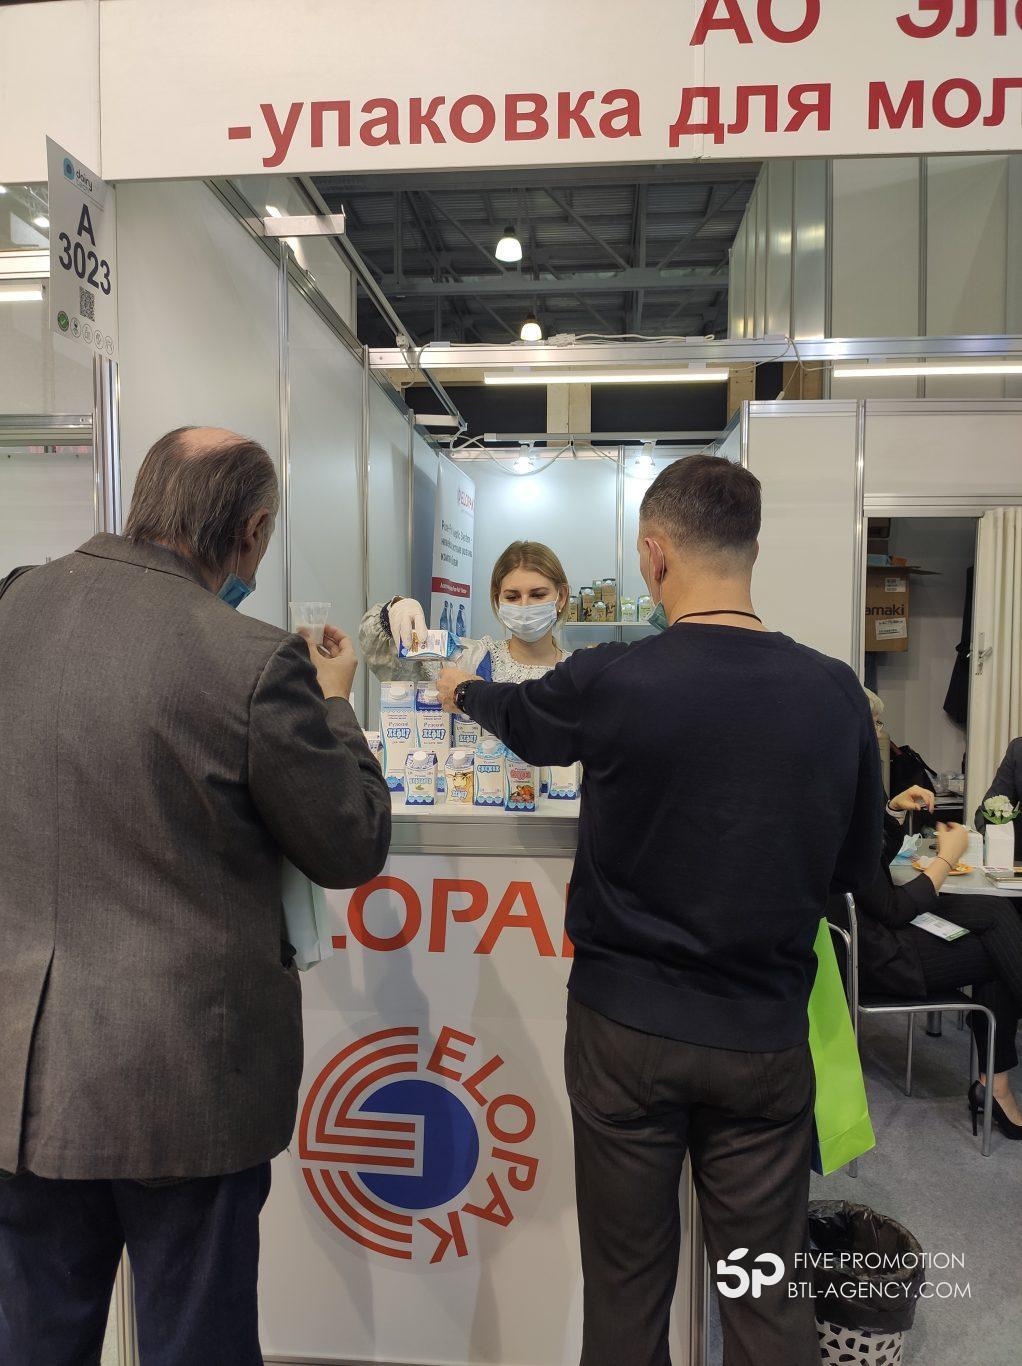 , Дегустация молочной продукции Рузское молоко на выставке DairyTech 21